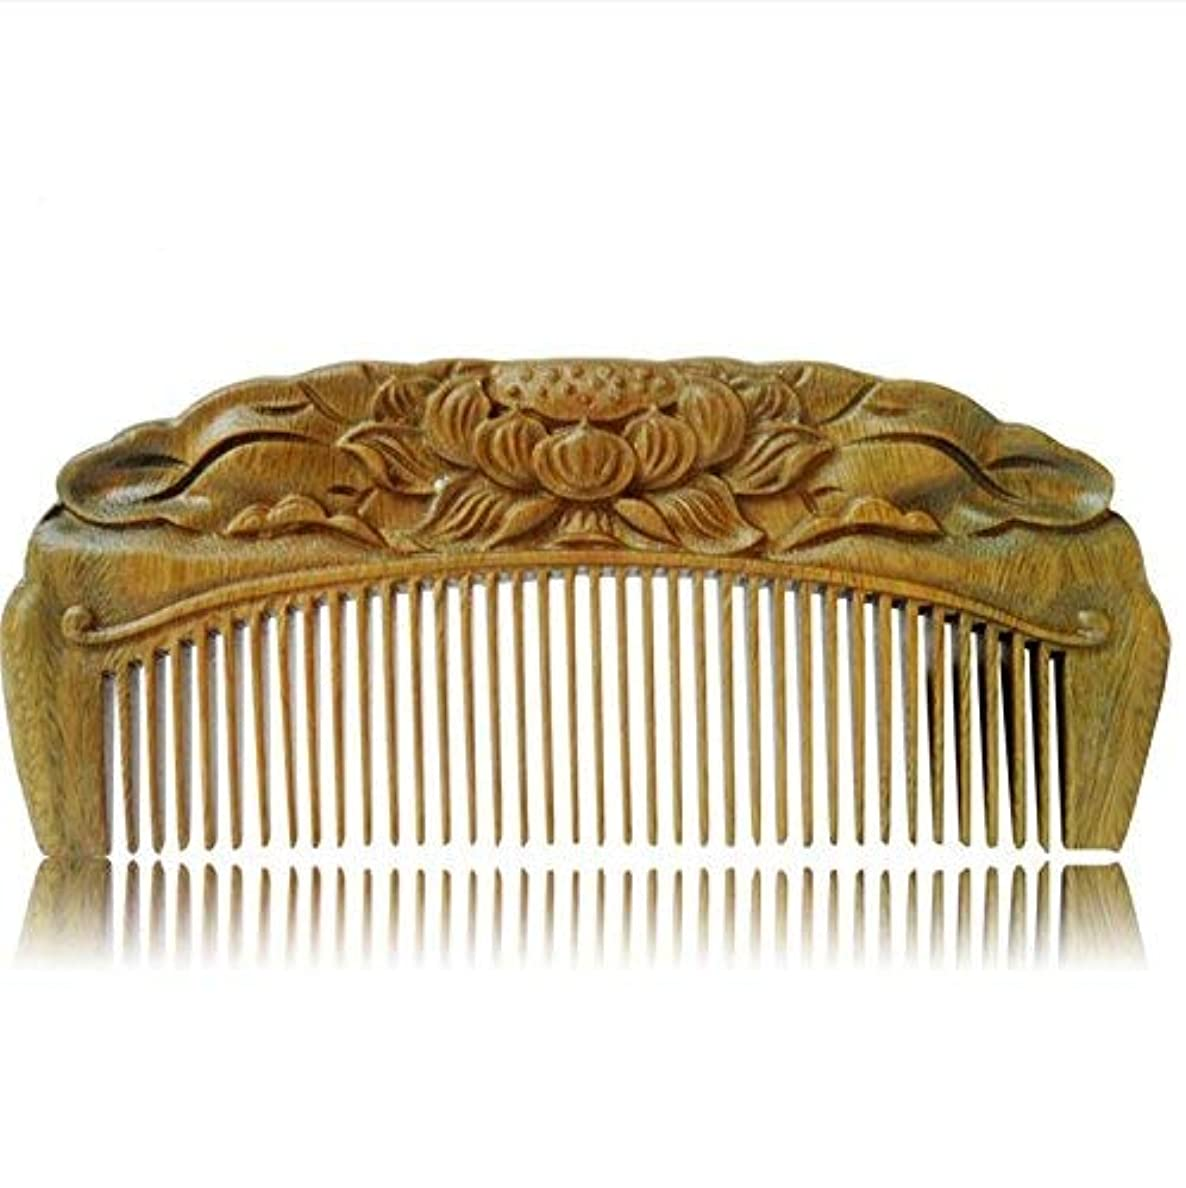 金額武器払い戻しHandmade Carved Natural Sandalwood Hair Comb - Anti-static Sandalwood Hair Comb Beard Brush Rake Comb Handmade...